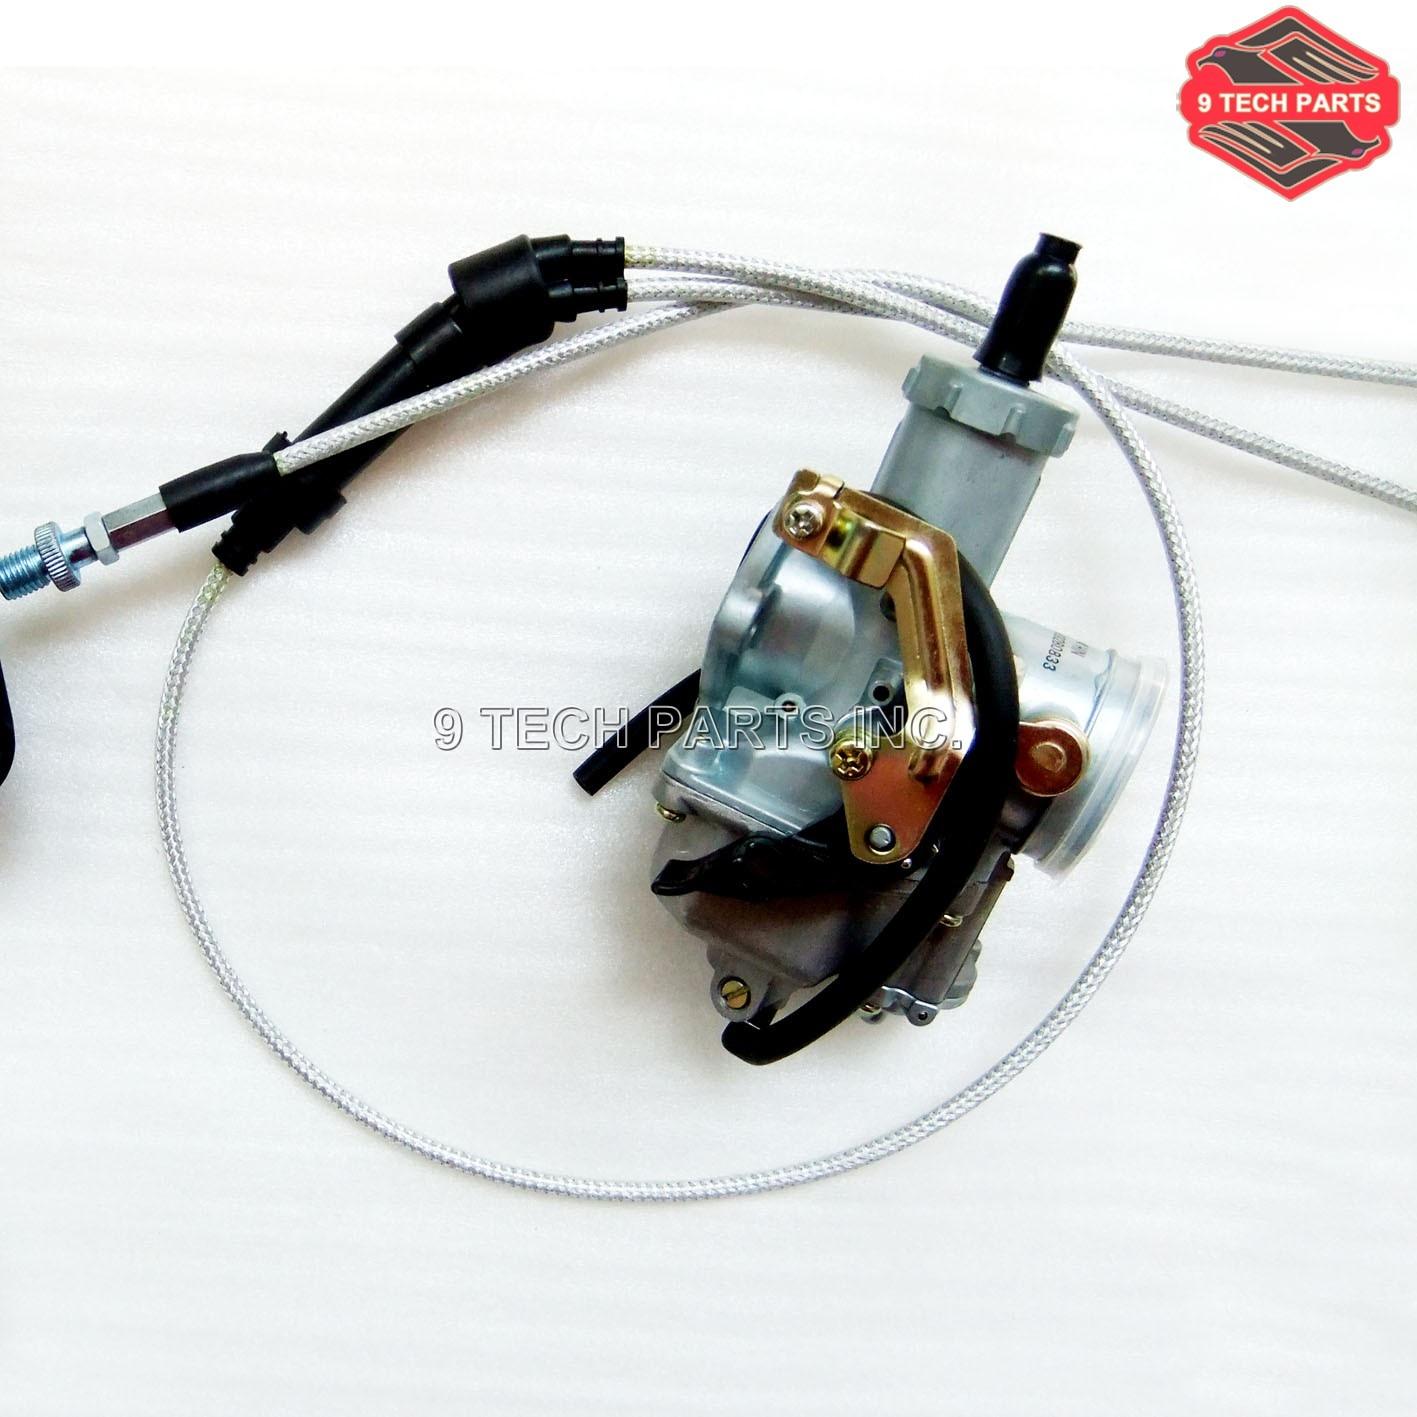 PZ30 30mm carburateur accélération pompe câble starter Carb + double Kit de câble d'accélérateur pour ATV Dirt Bike Pit Quad 200cc 250cc